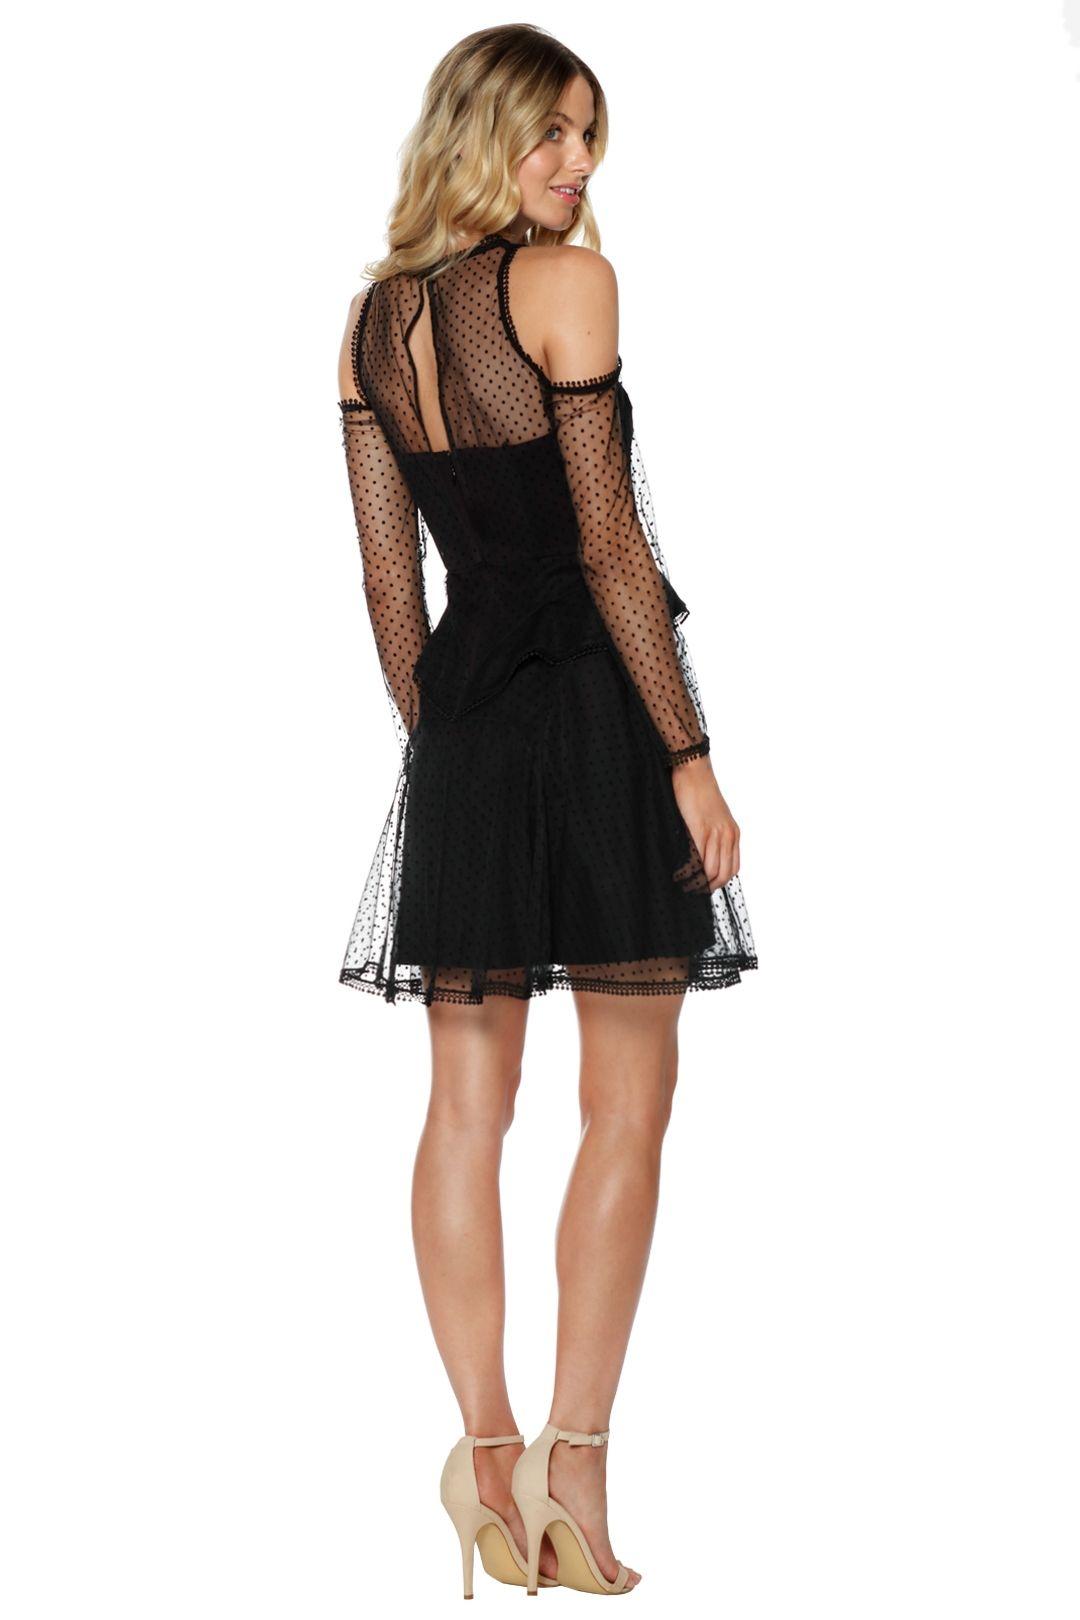 Thurley - Poppy Dress - Black - Back